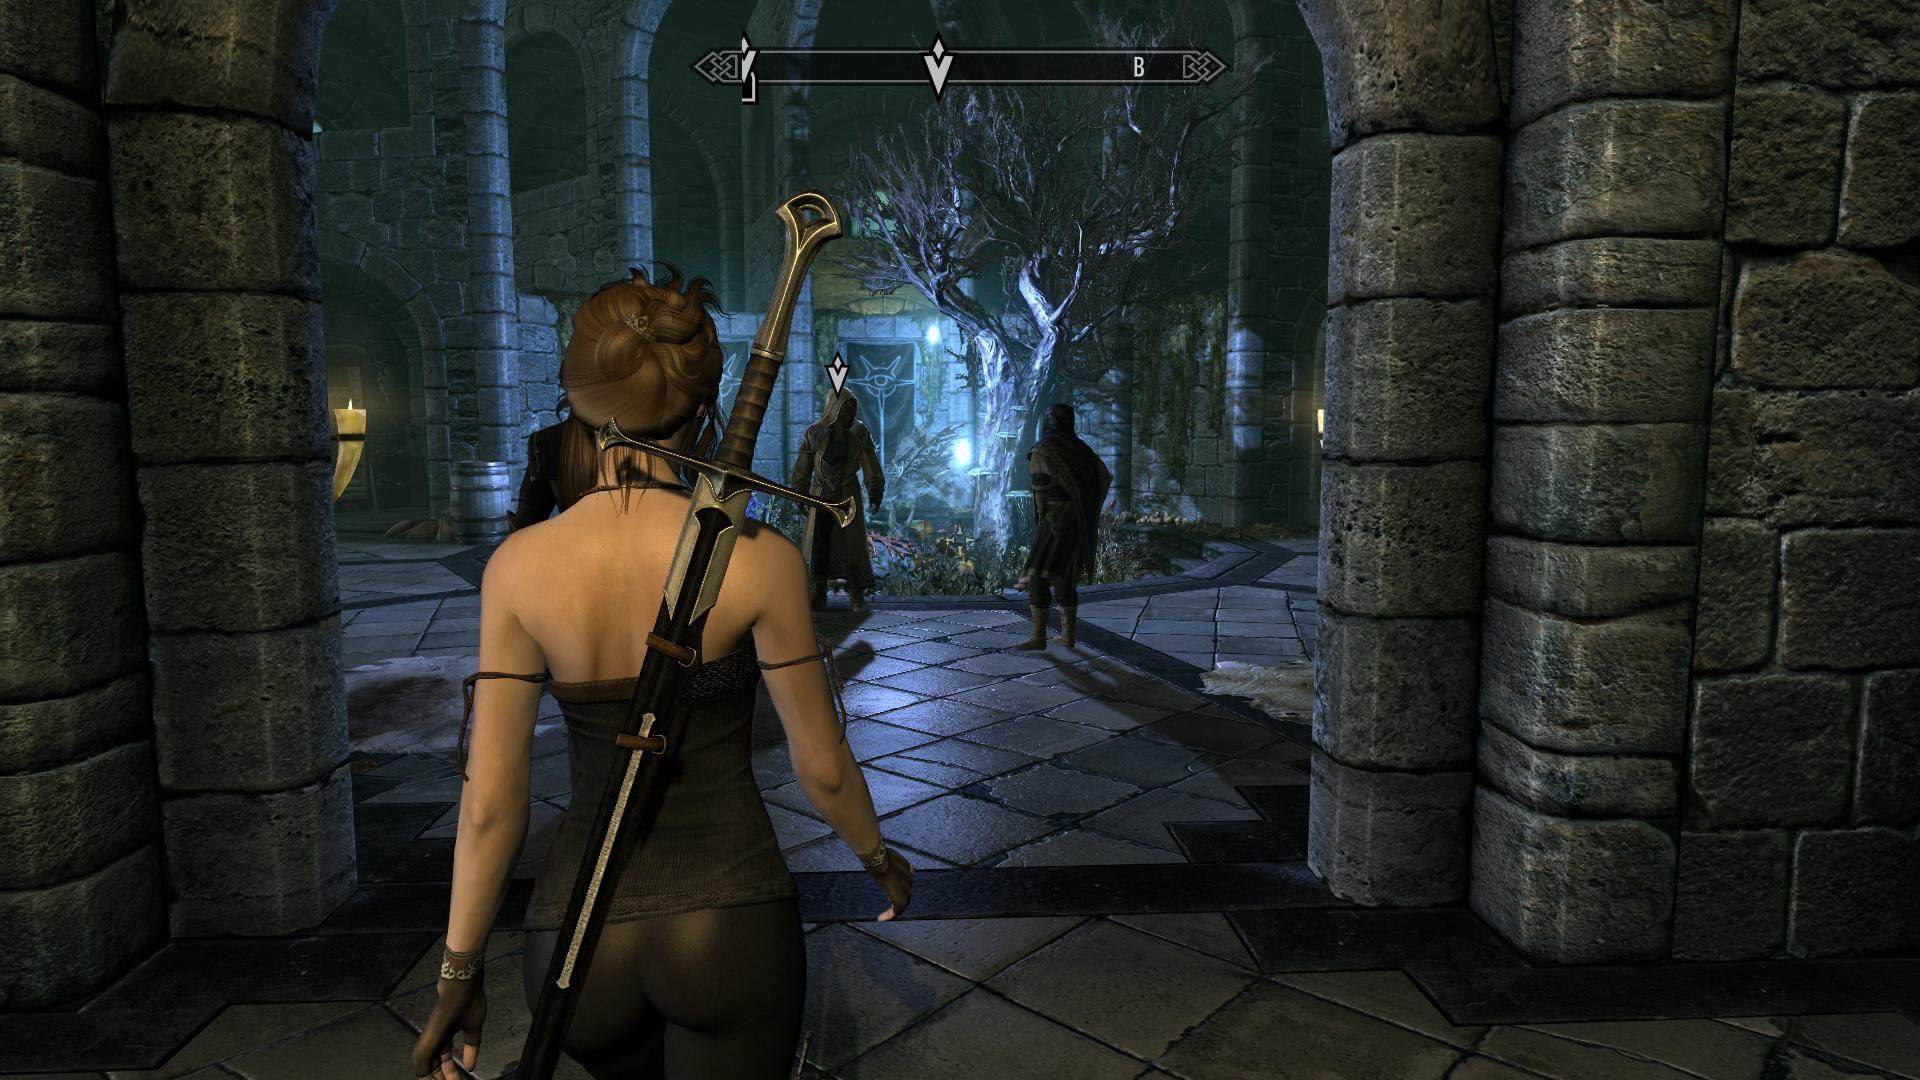 TESV_original 2014-01-09 07-53-26-20f.jpg - Elder Scrolls 5: Skyrim, the